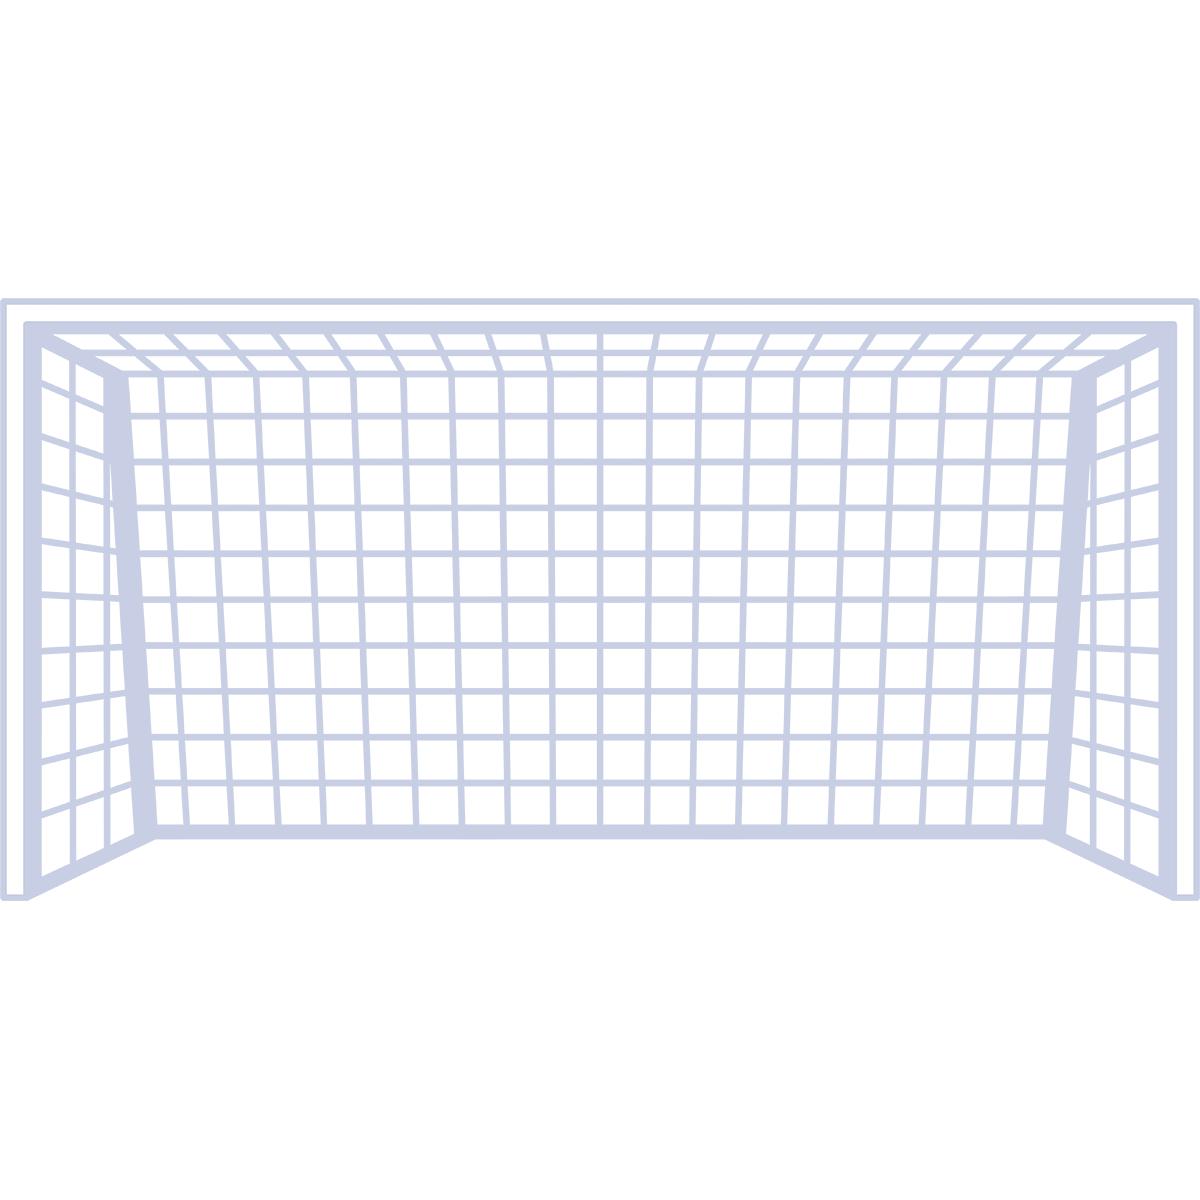 サッカーゴールの無料イラスト